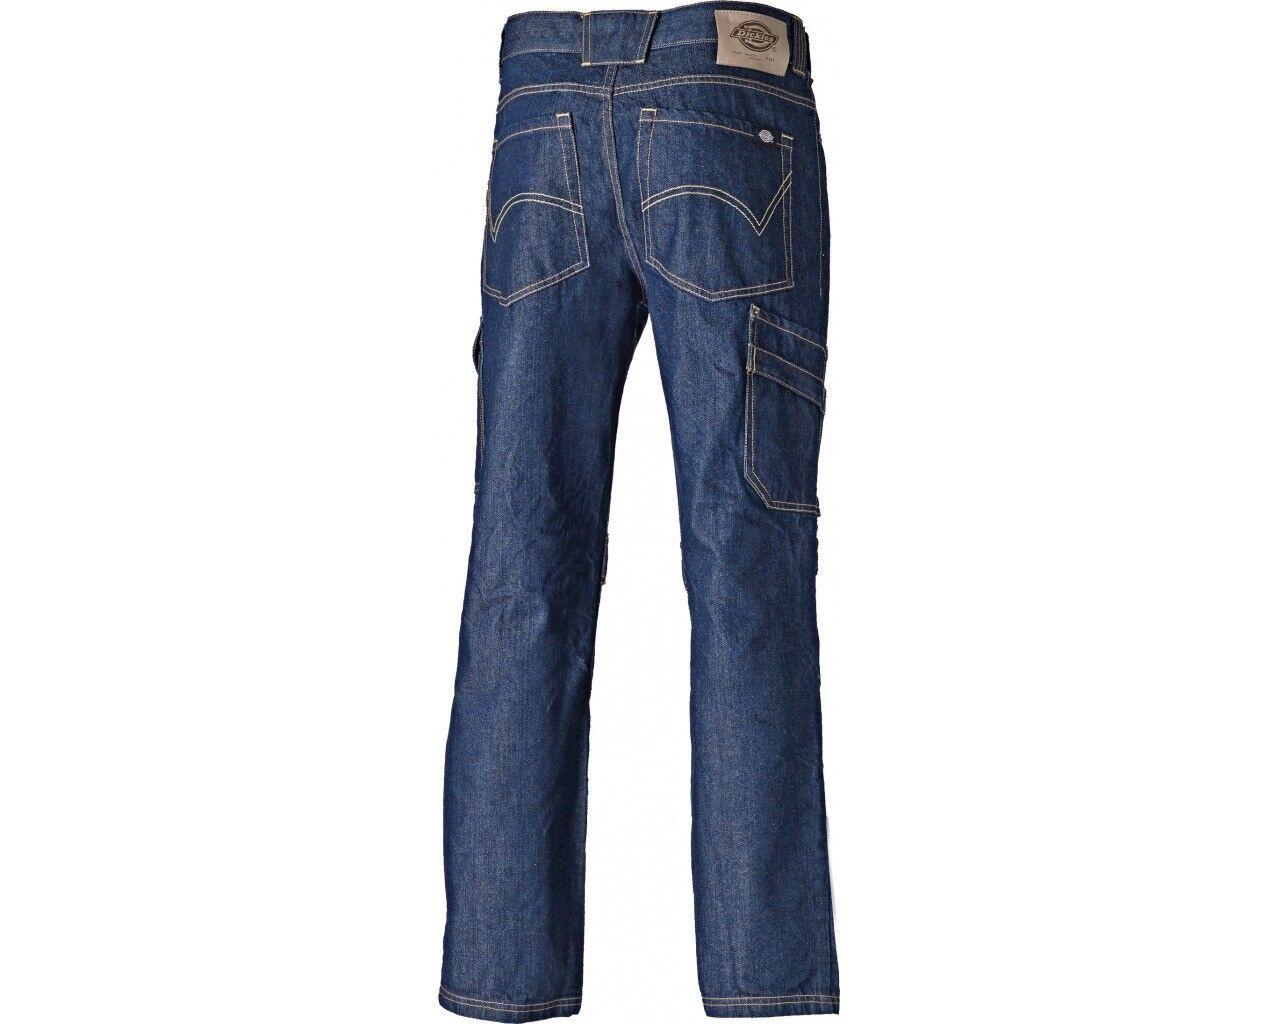 Dickies Stanmore trabajo BOLSILLOS Jeans hombre Premier RESISTENTE VARIOS BOLSILLOS trabajo b98685